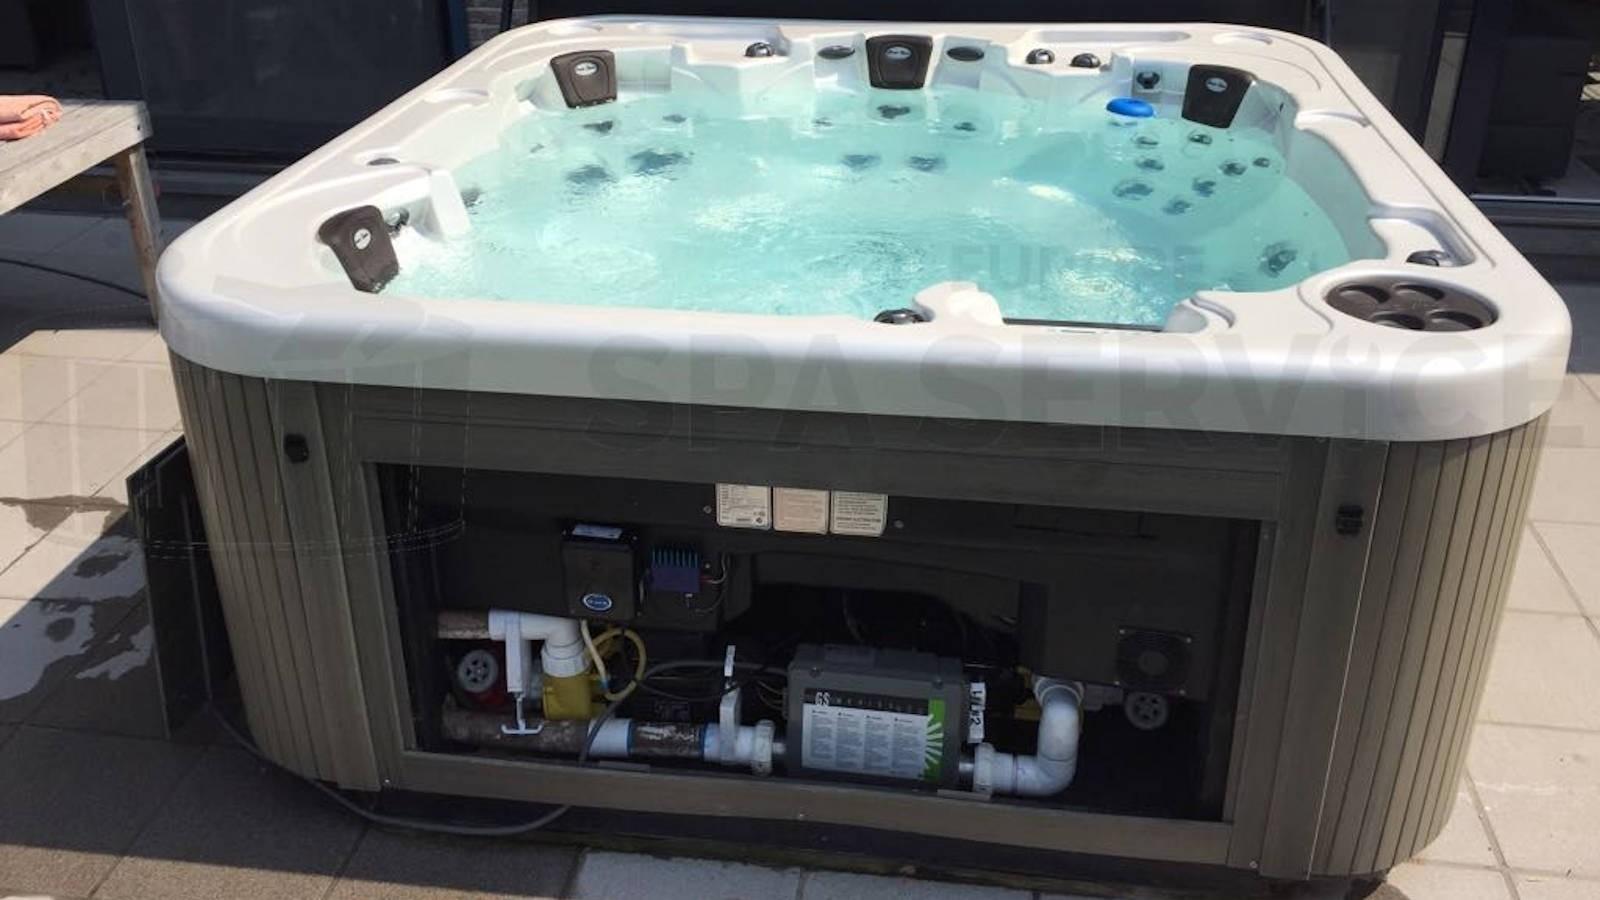 Jet pomp en ozonator vervangen van een NorthWind Hot Tub in Peizegem België